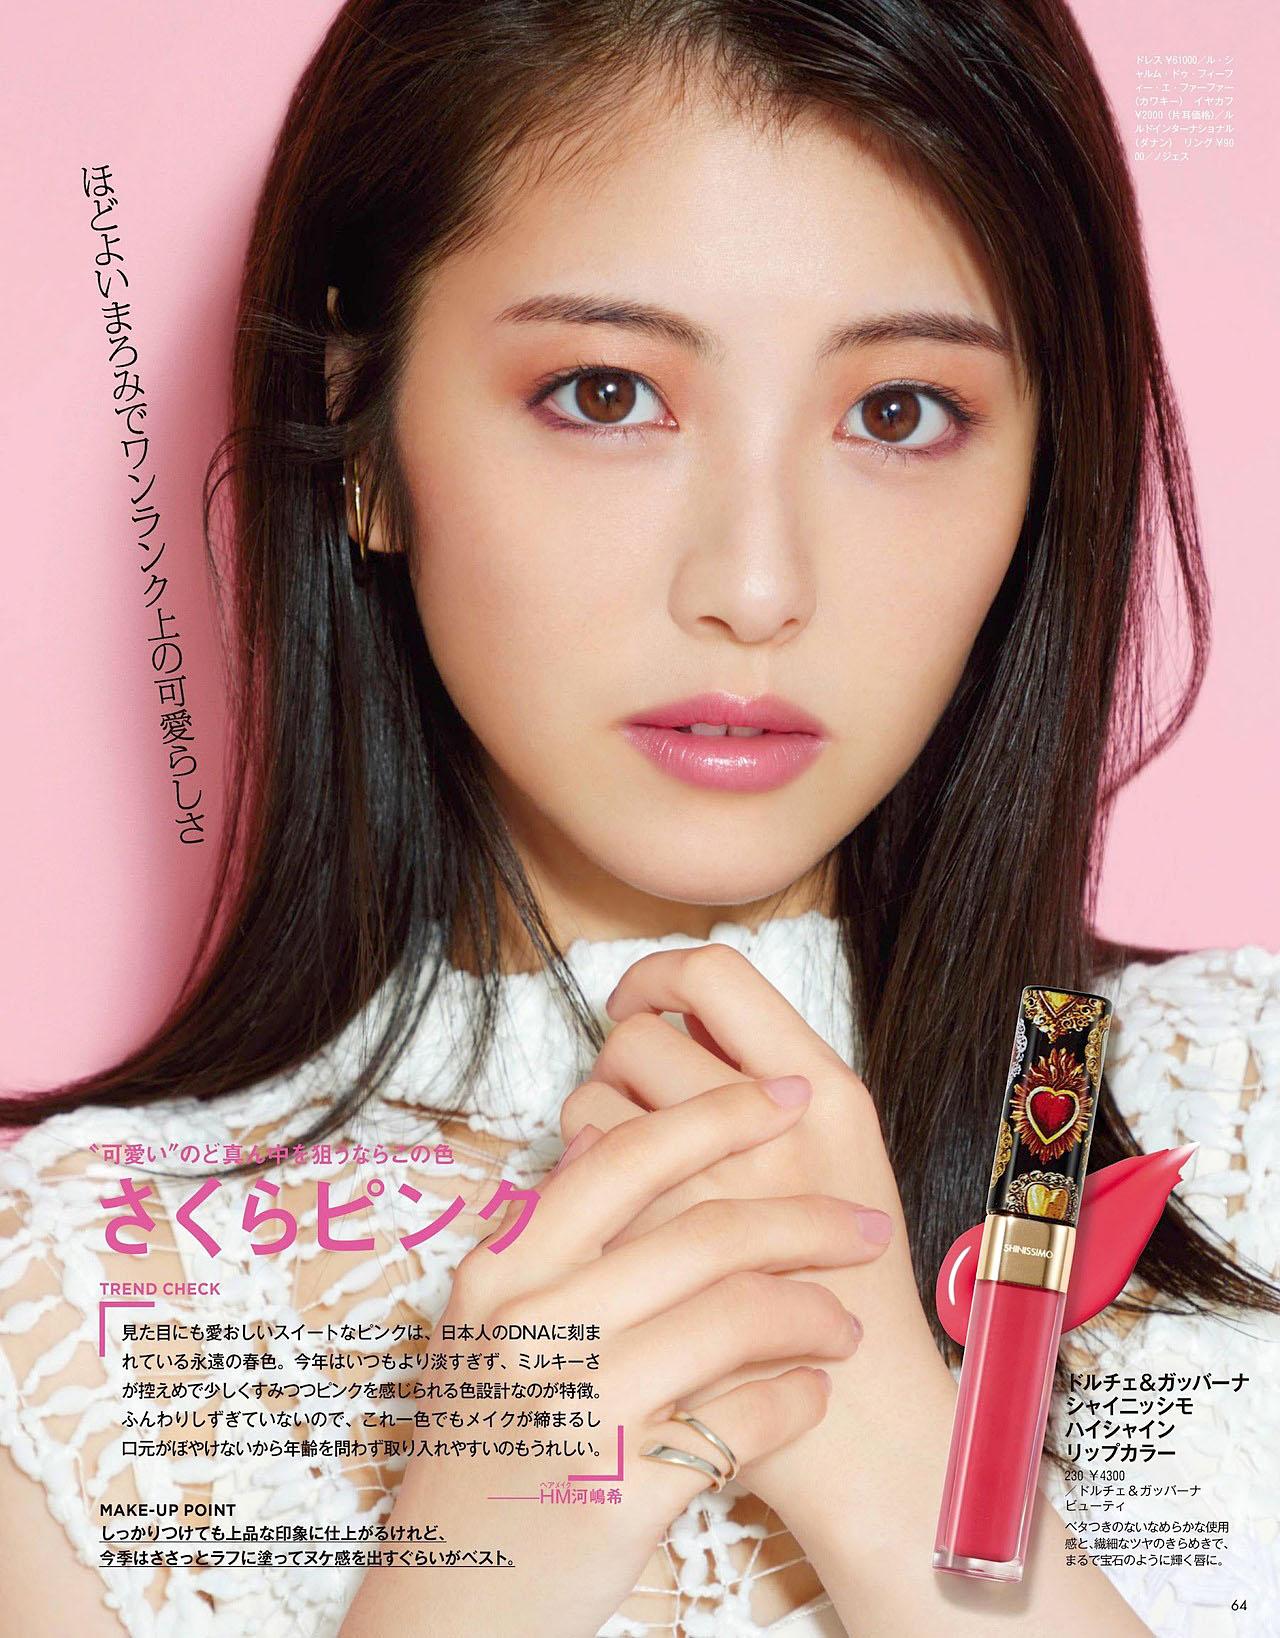 Minami Hamabe Voce 2103 03.jpg